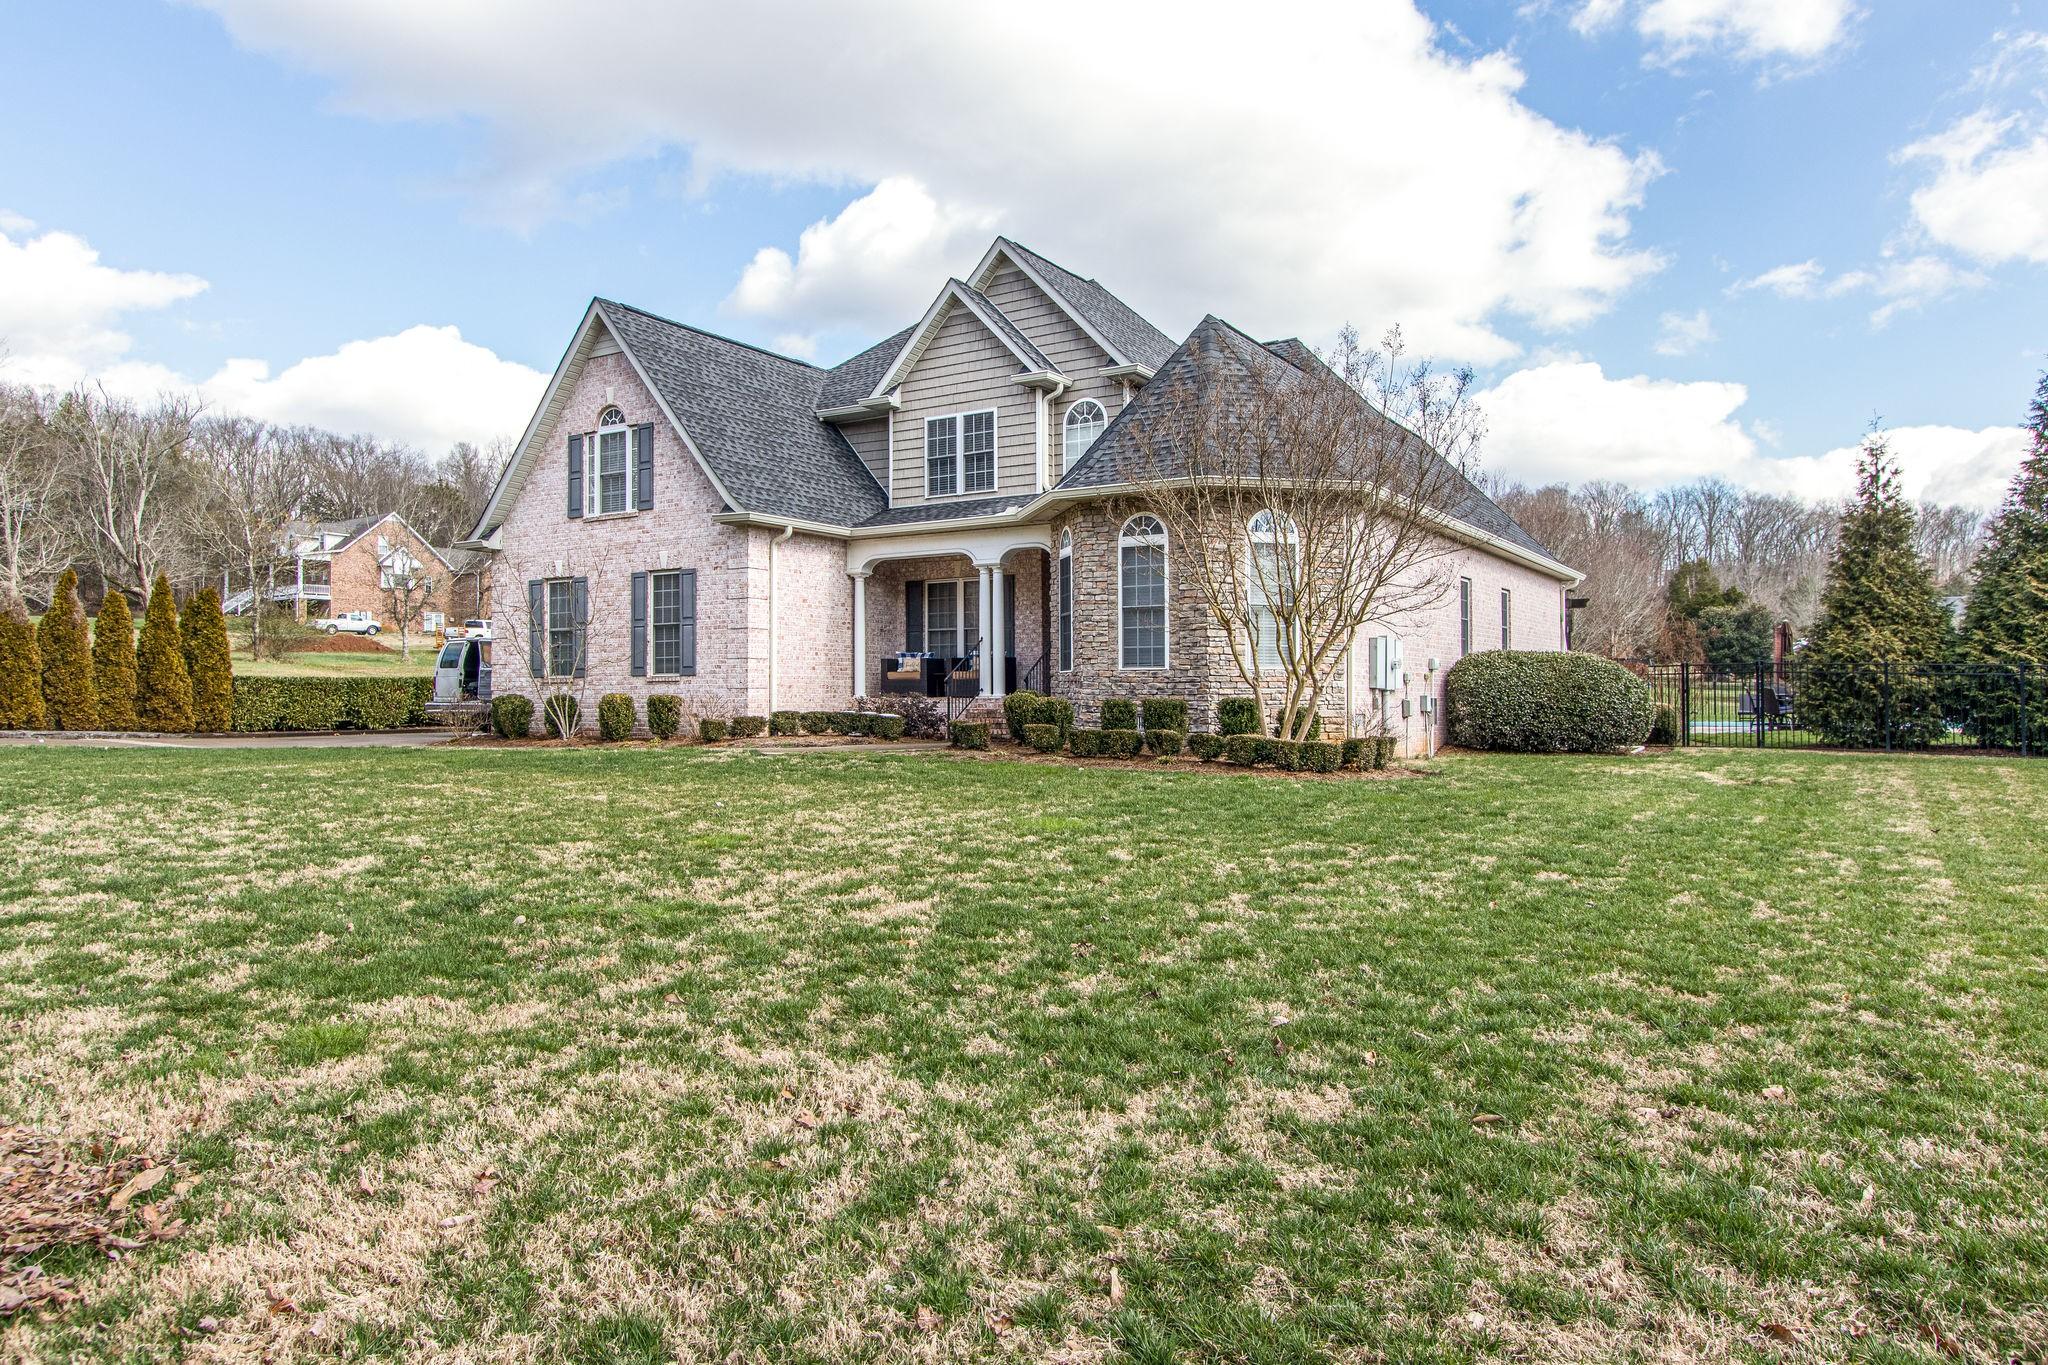 3005 E Compton Rd, Murfreesboro, TN 37130 - Murfreesboro, TN real estate listing